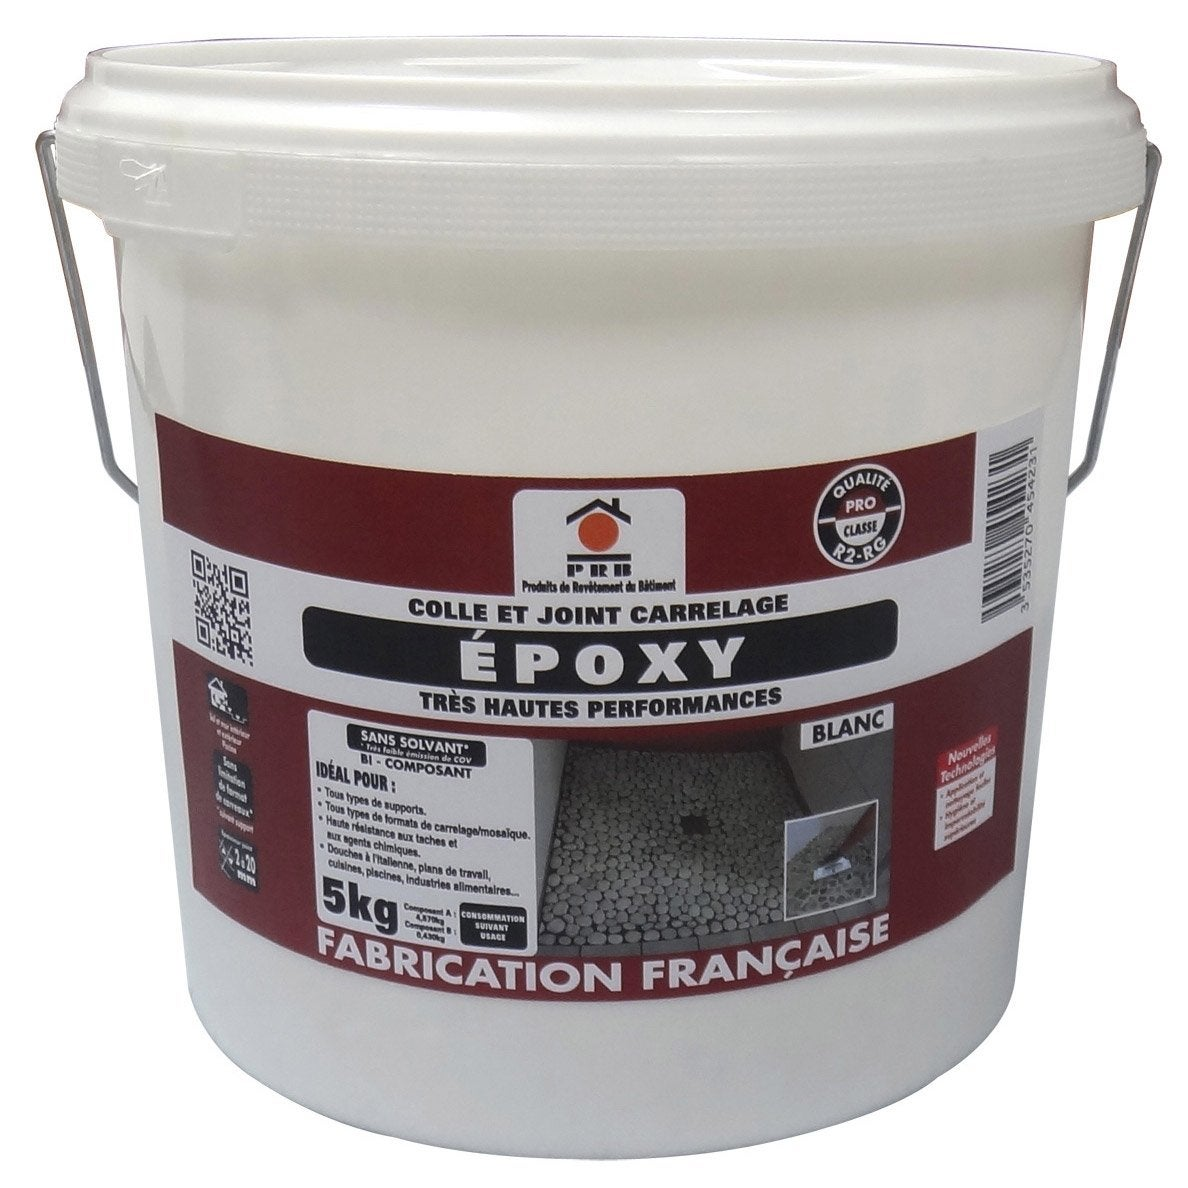 Colle et joint poxy pour carrelage et mosa que mur et sol for Nettoyeur vapeur joint carrelage